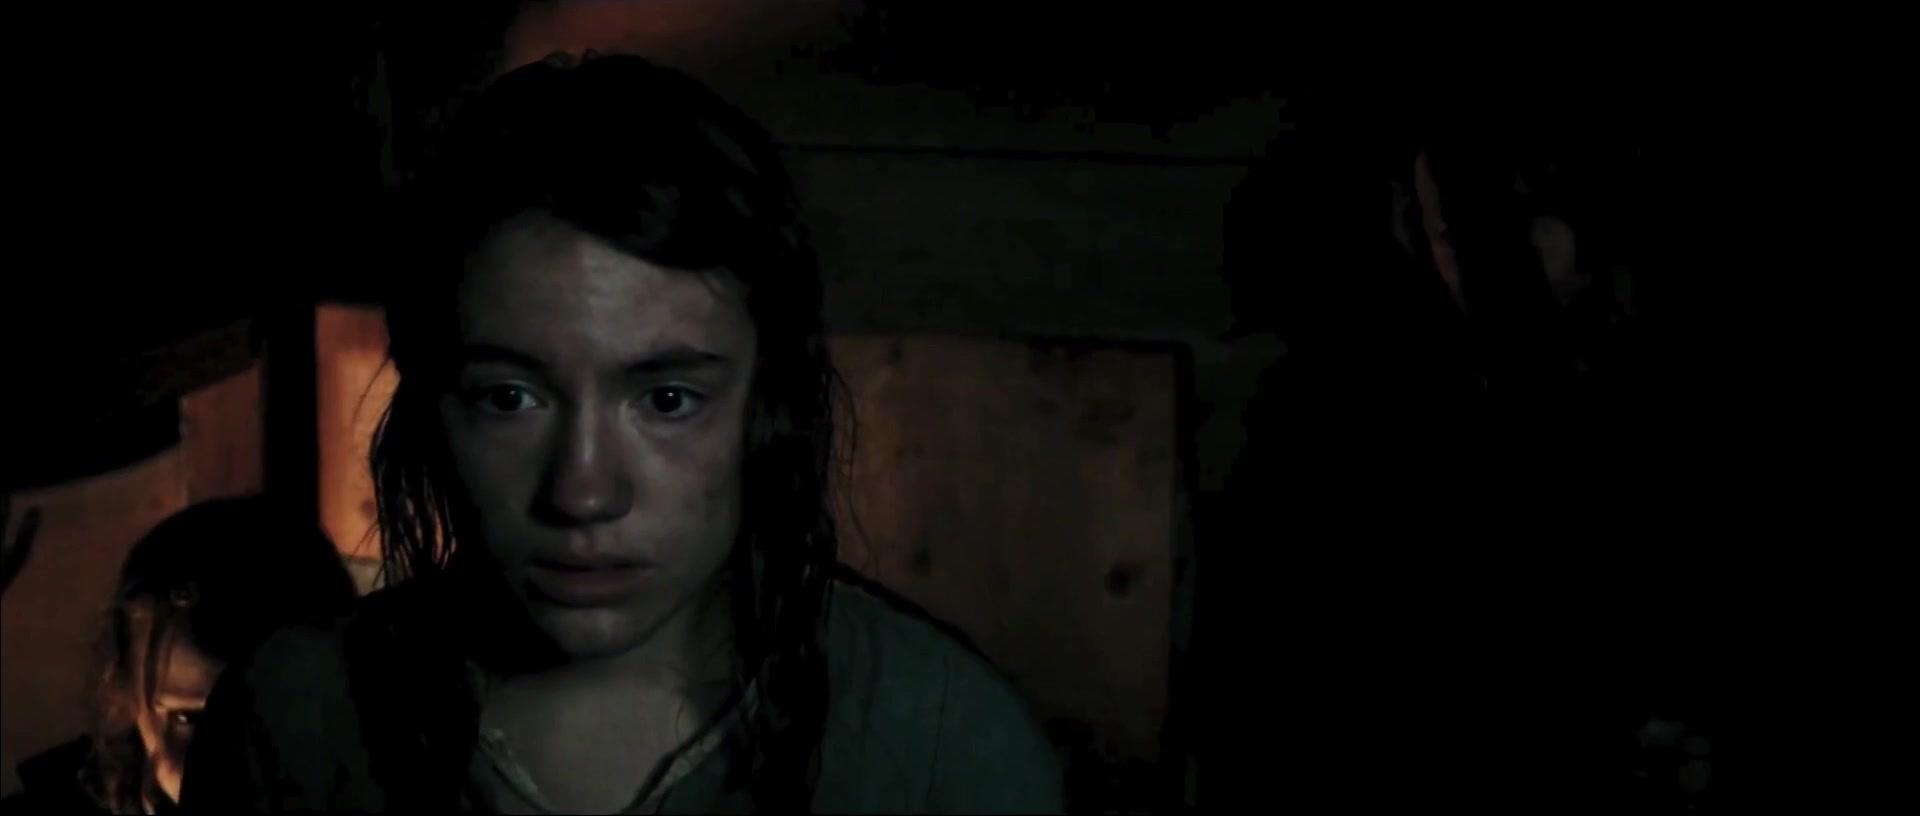 Побег из тюрьмы (prison break) смотреть онлайн фильм ...